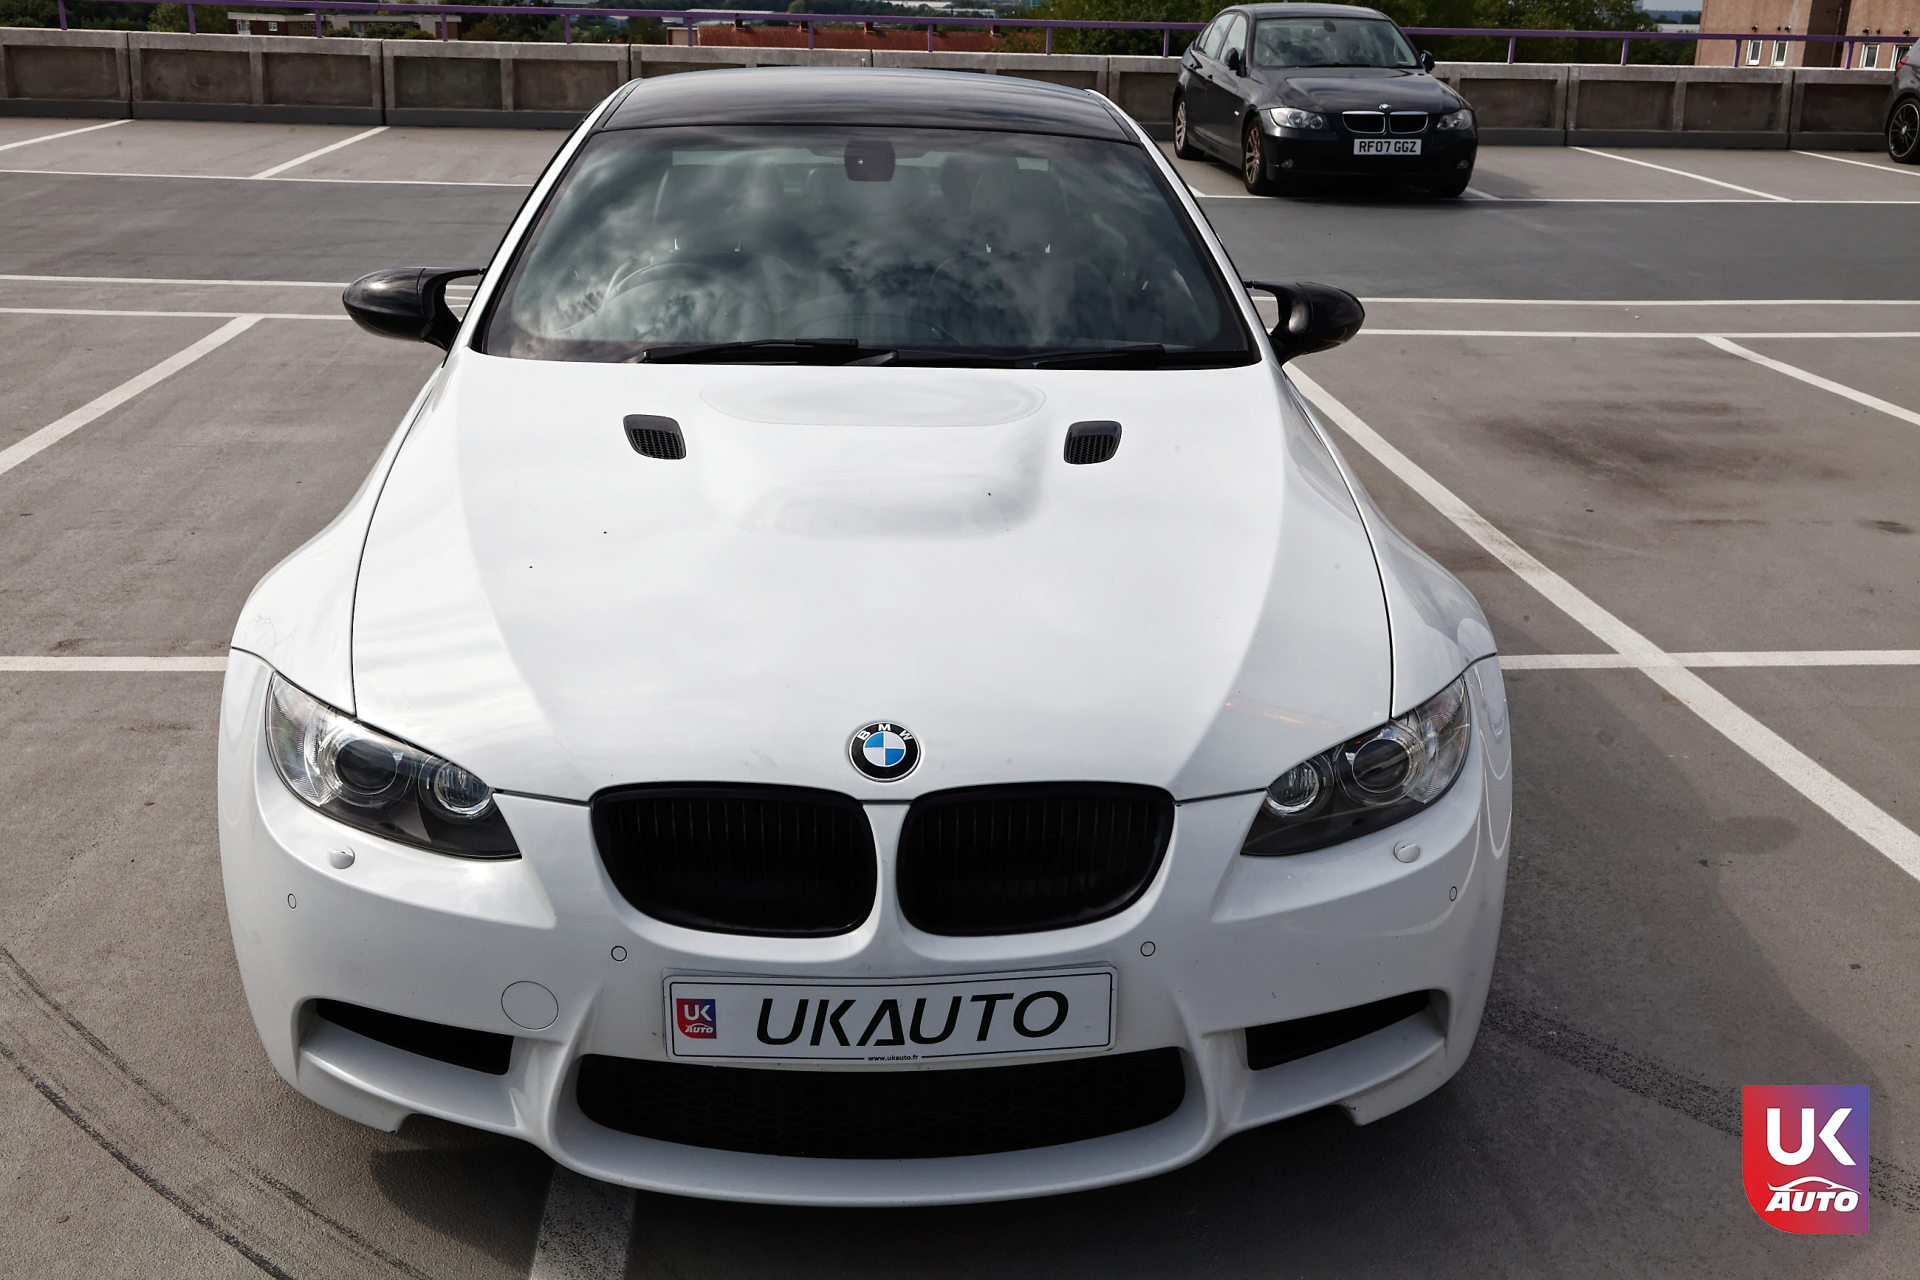 bmw m3 e92 v8 pack competition importateur bmw uk bmw angleterre m3 import uk ukauto mandataire5 DxO - IMPORTATION BMW M3 COMPETITION E92 V8 LEBONCOIN ANGLETERRE IMPORT UKAUTO FELICITATION A AUGUSTE CLIENT UKAUTO